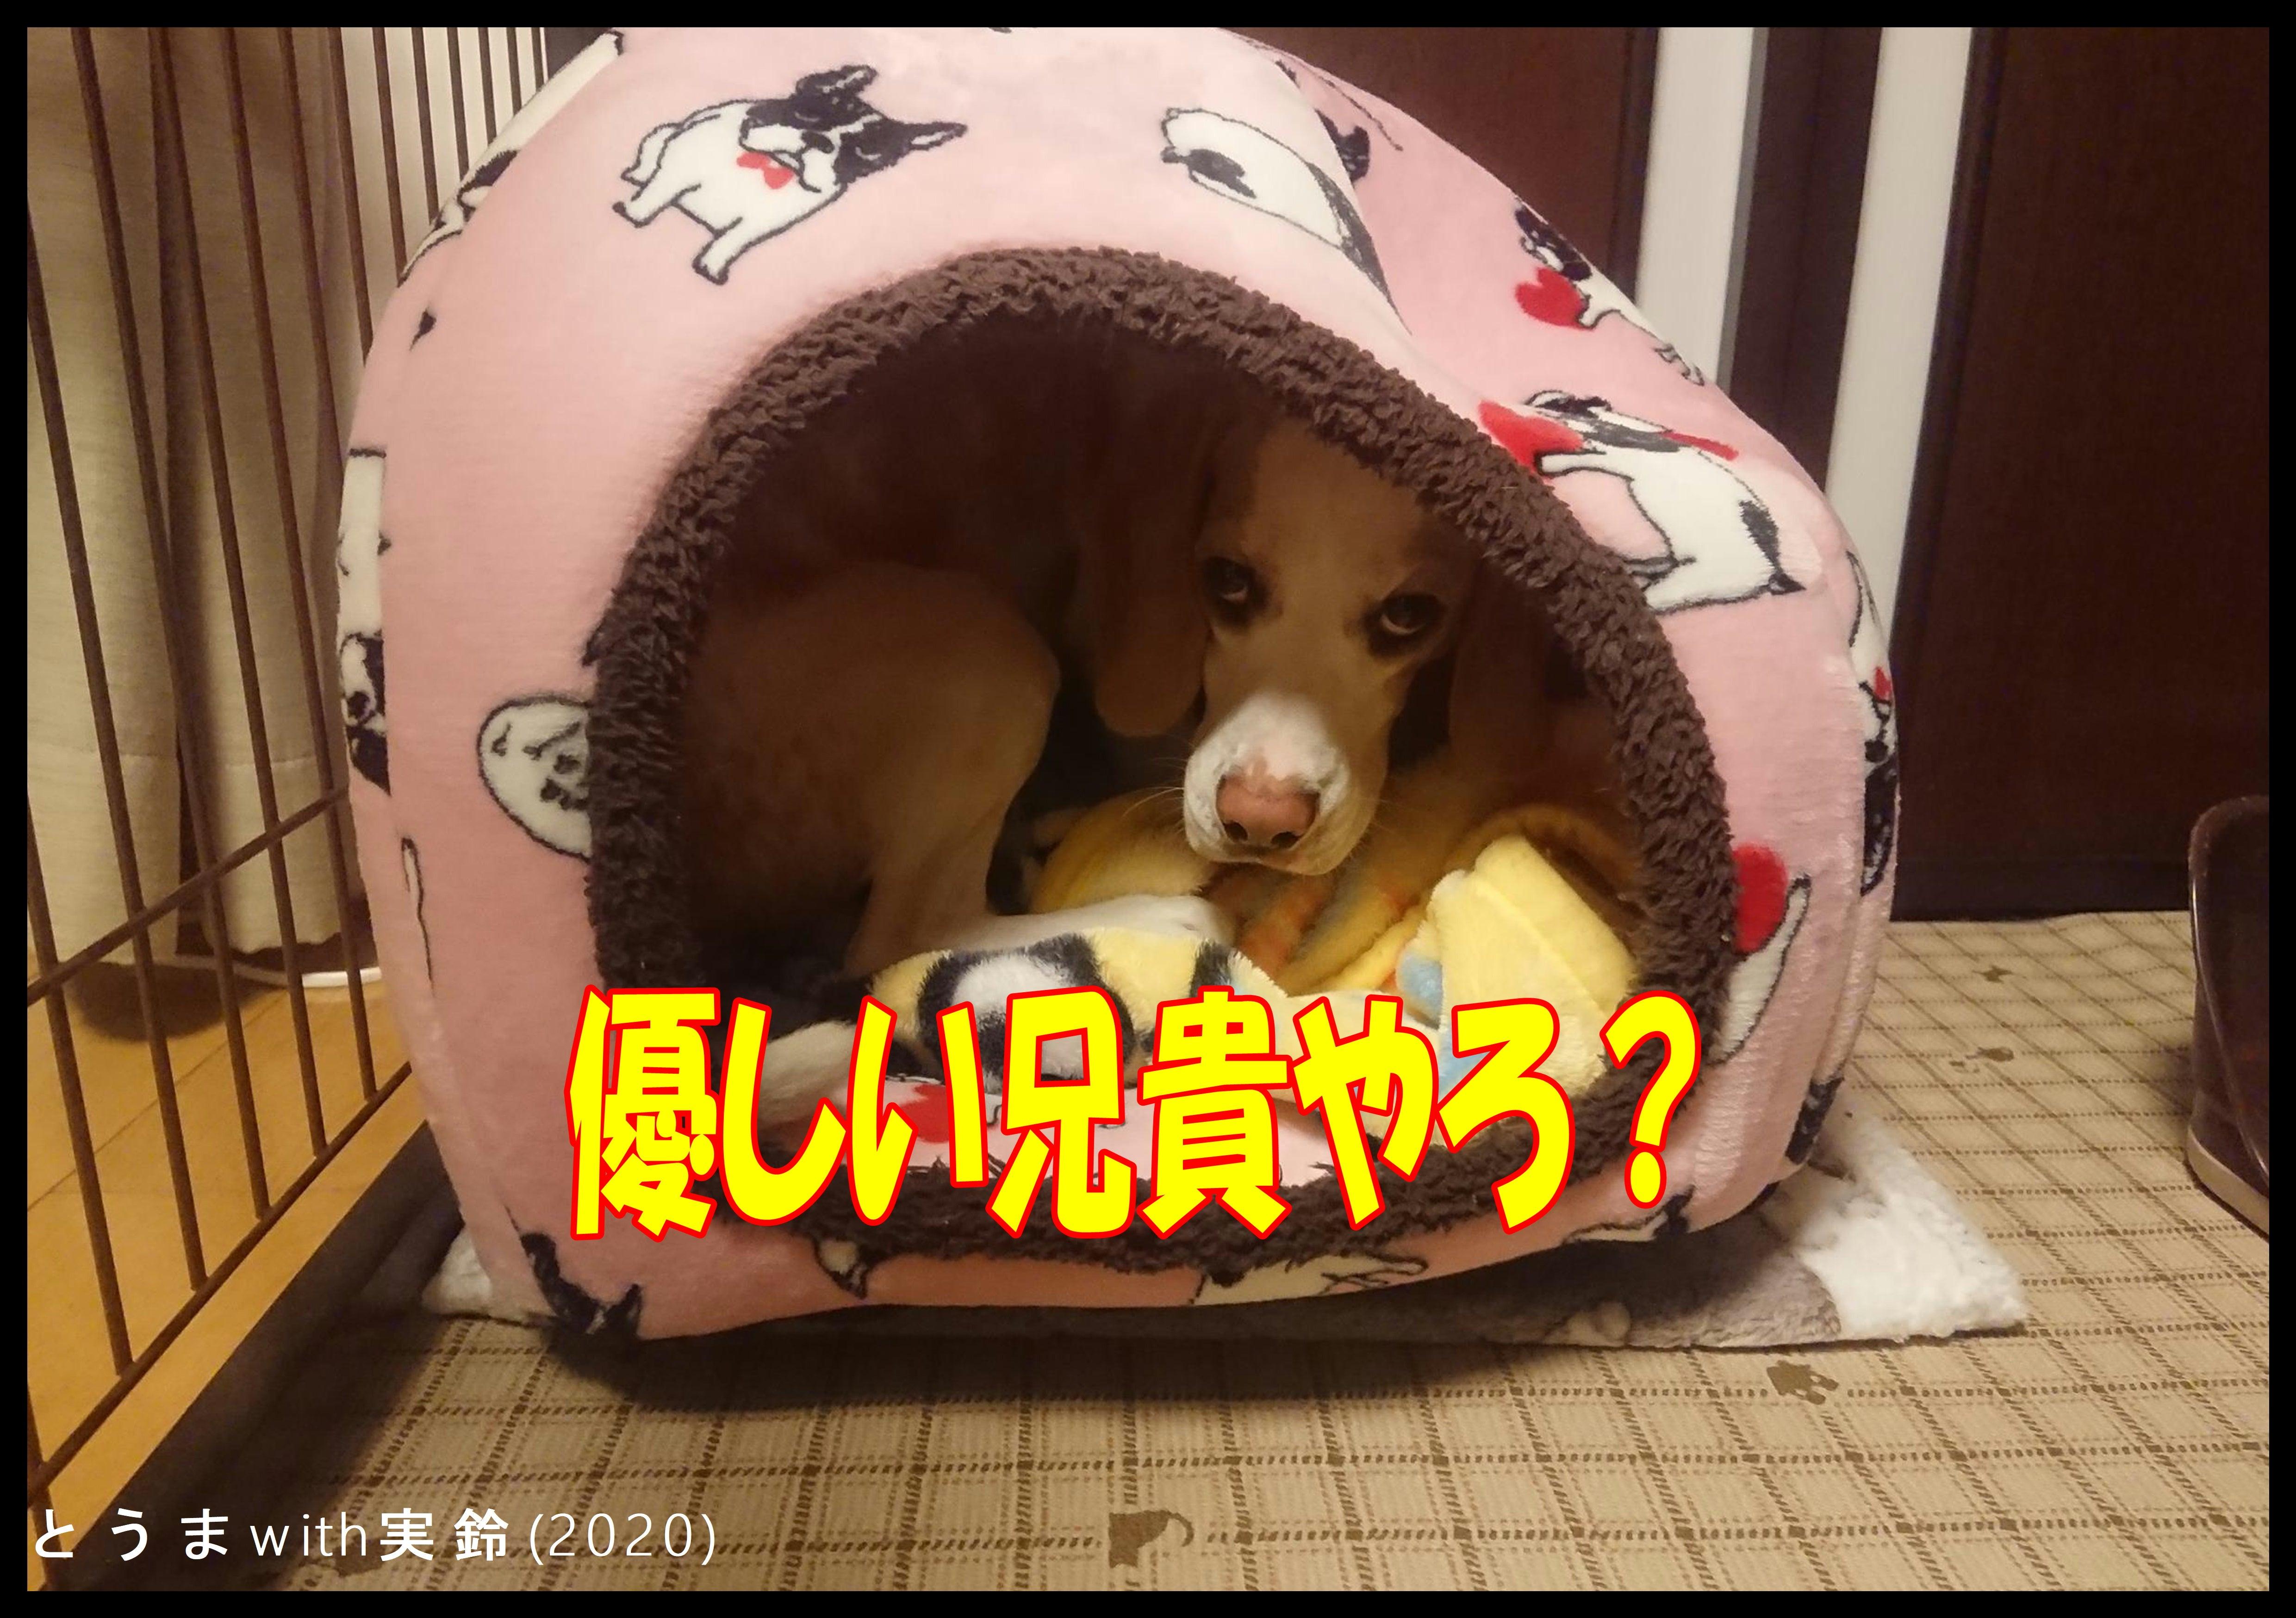 妹犬想いの兄犬が寝床を暖めます | ブーグル犬とうまwith実鈴